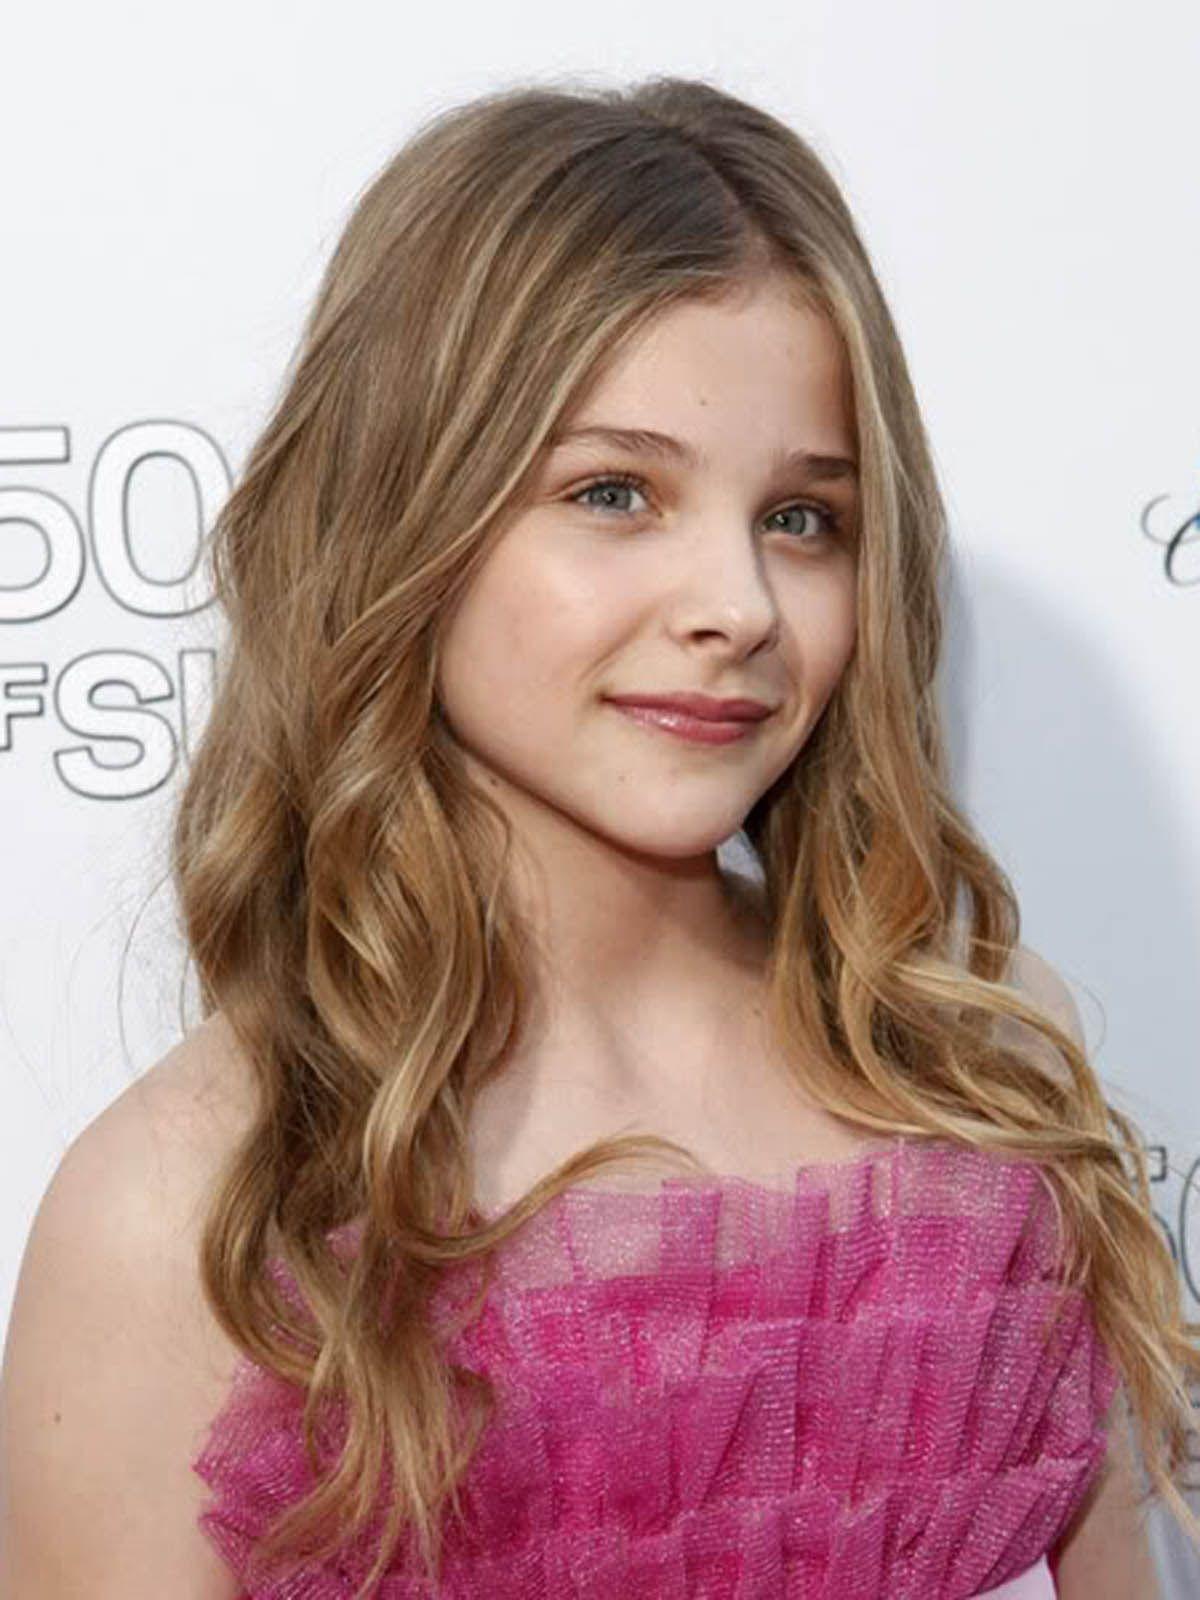 Is a cute Chloe Grace Moretz